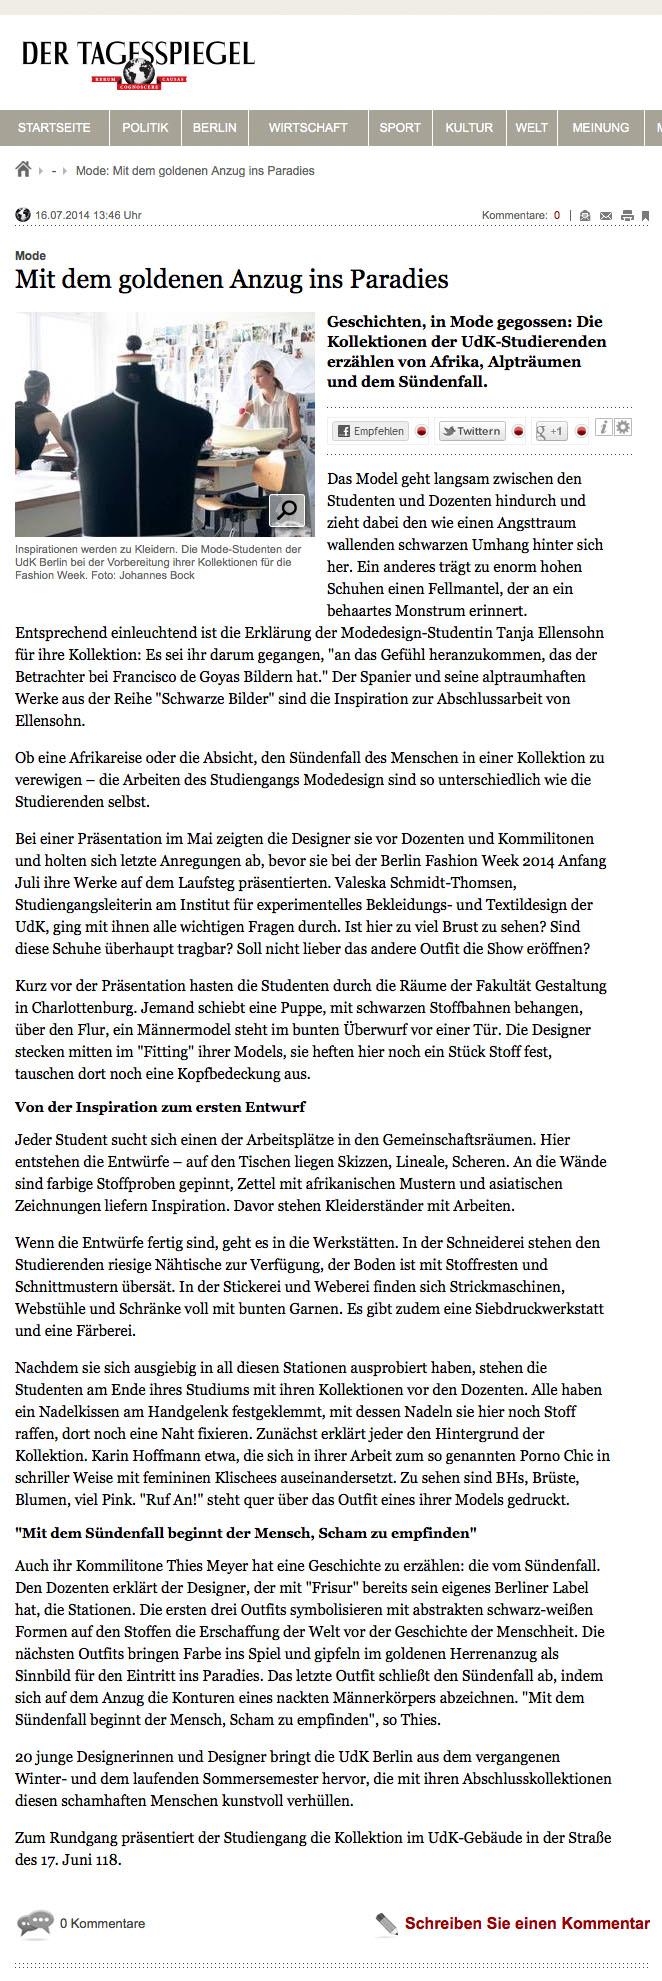 Tagesspiegel.de-themen-udk-mode-mit-dem-goldenen-anzug-ins-paradies